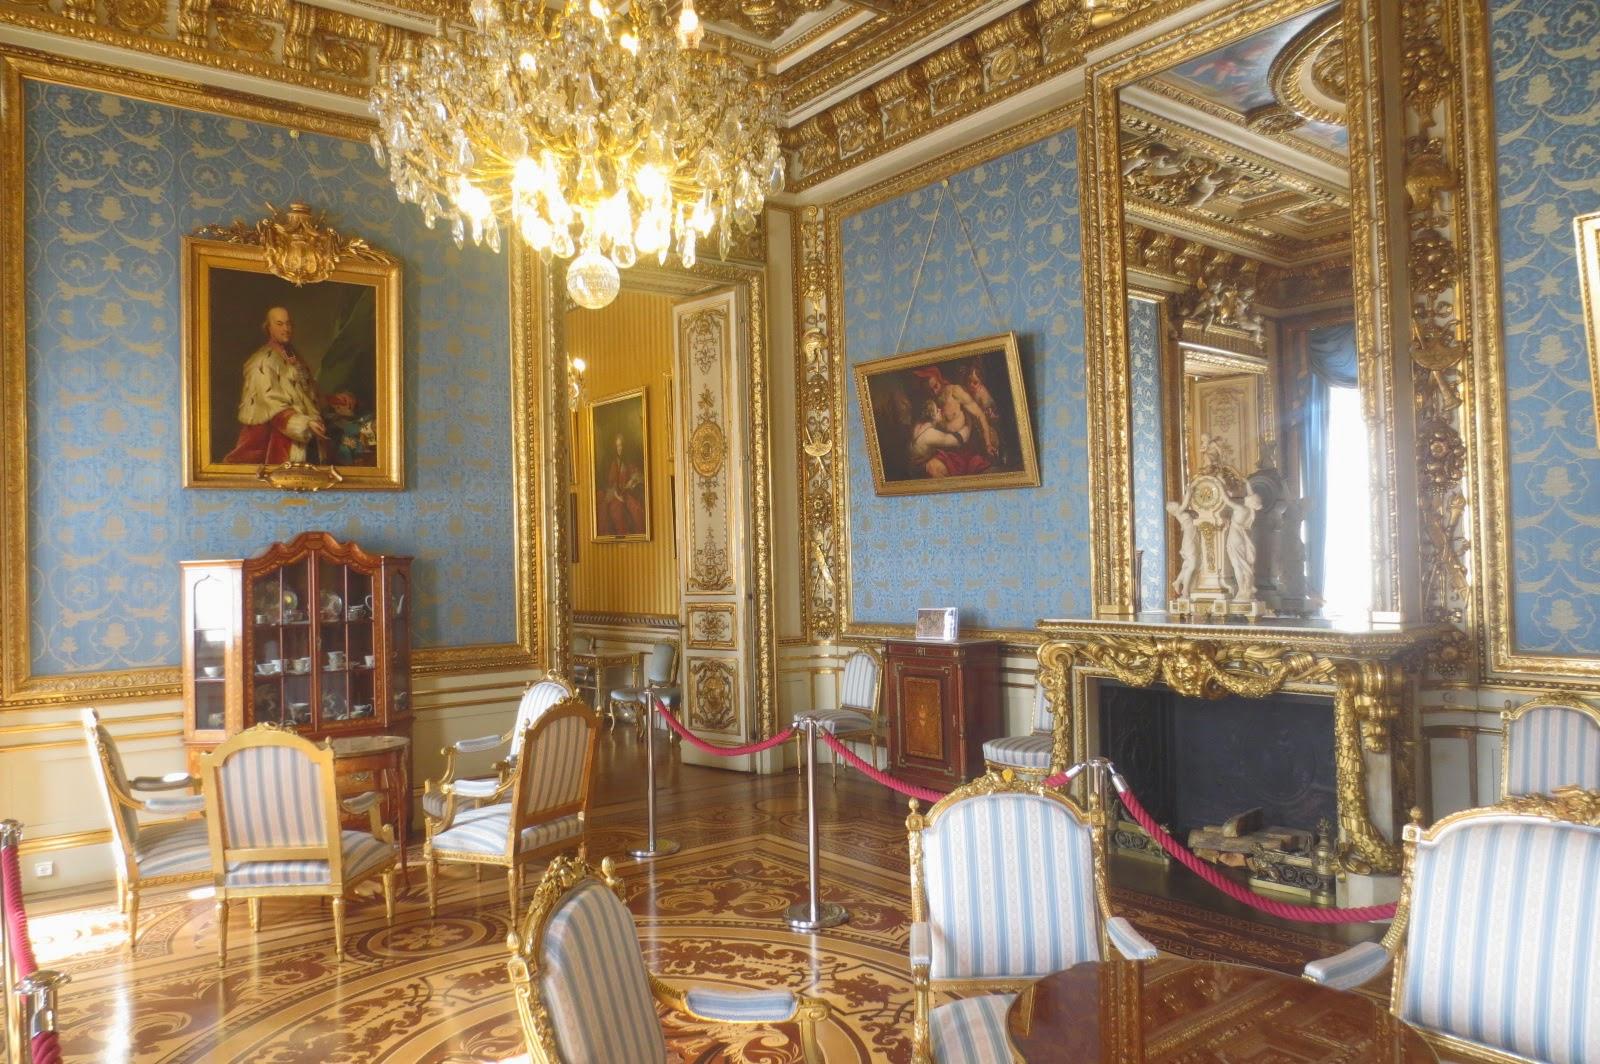 Impressions sur l 39 art un coup de coeur l 39 ambassade de polog - Lieu exceptionnel paris ...